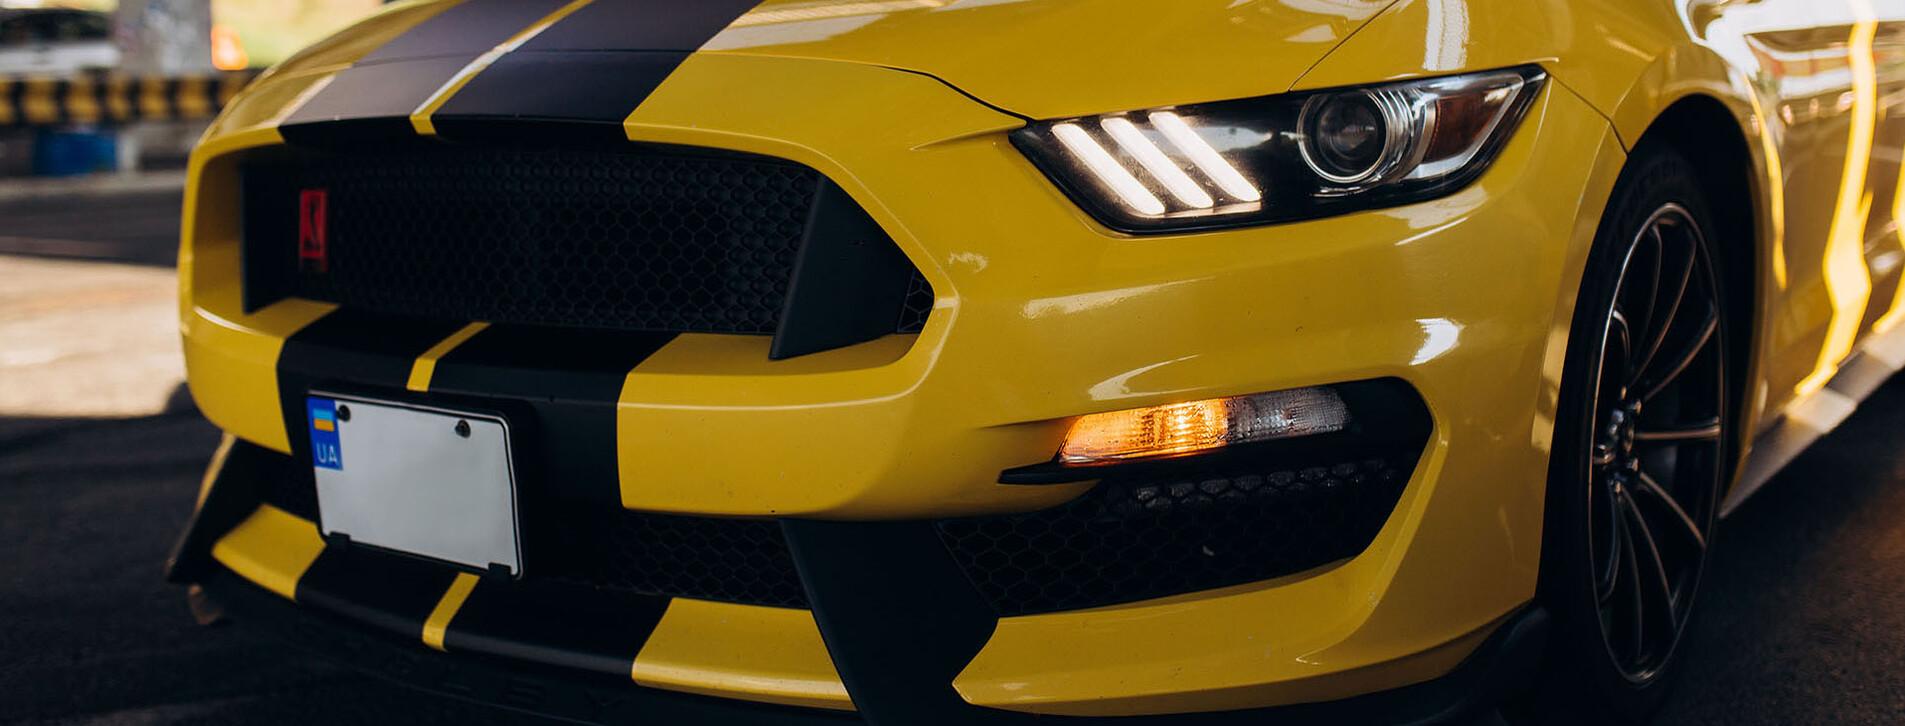 Фото 1 - Тест-драйв Ford Mustang